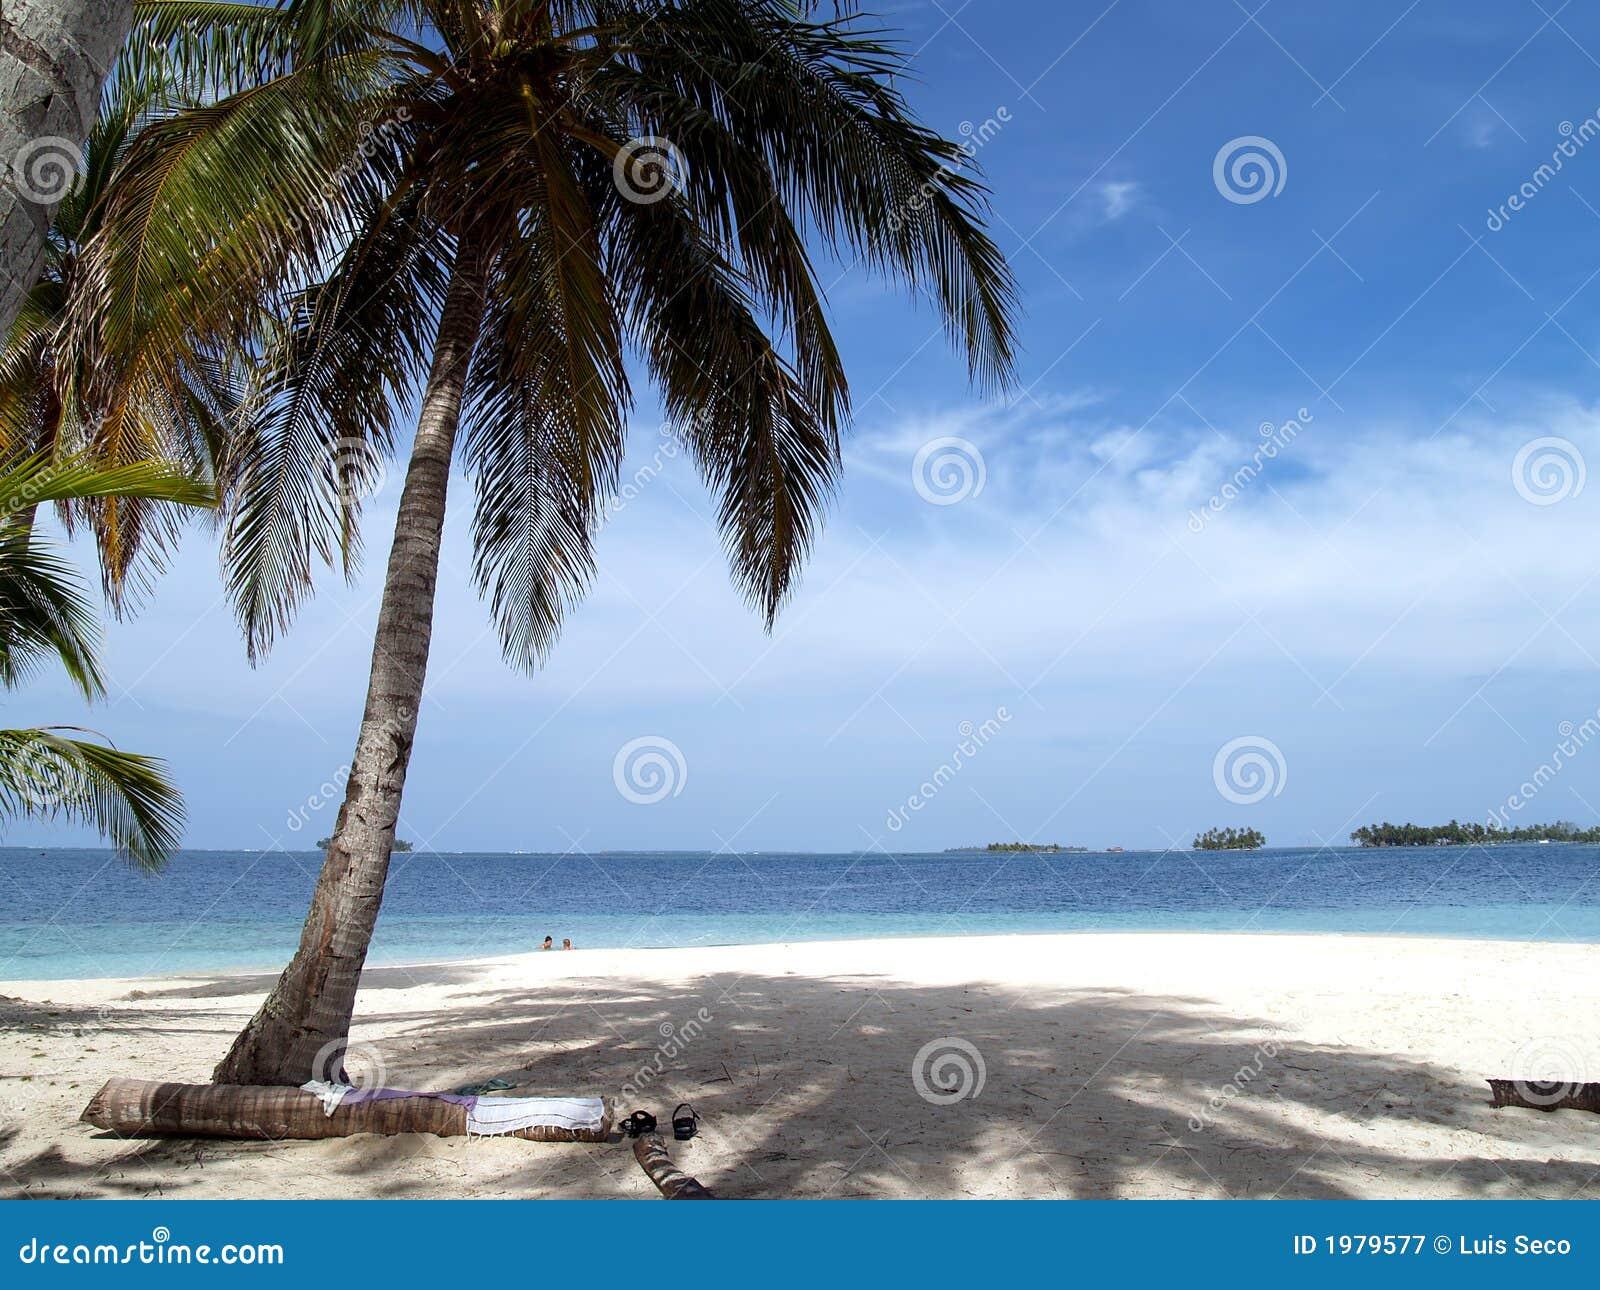 Caribbean tropical white sand beach